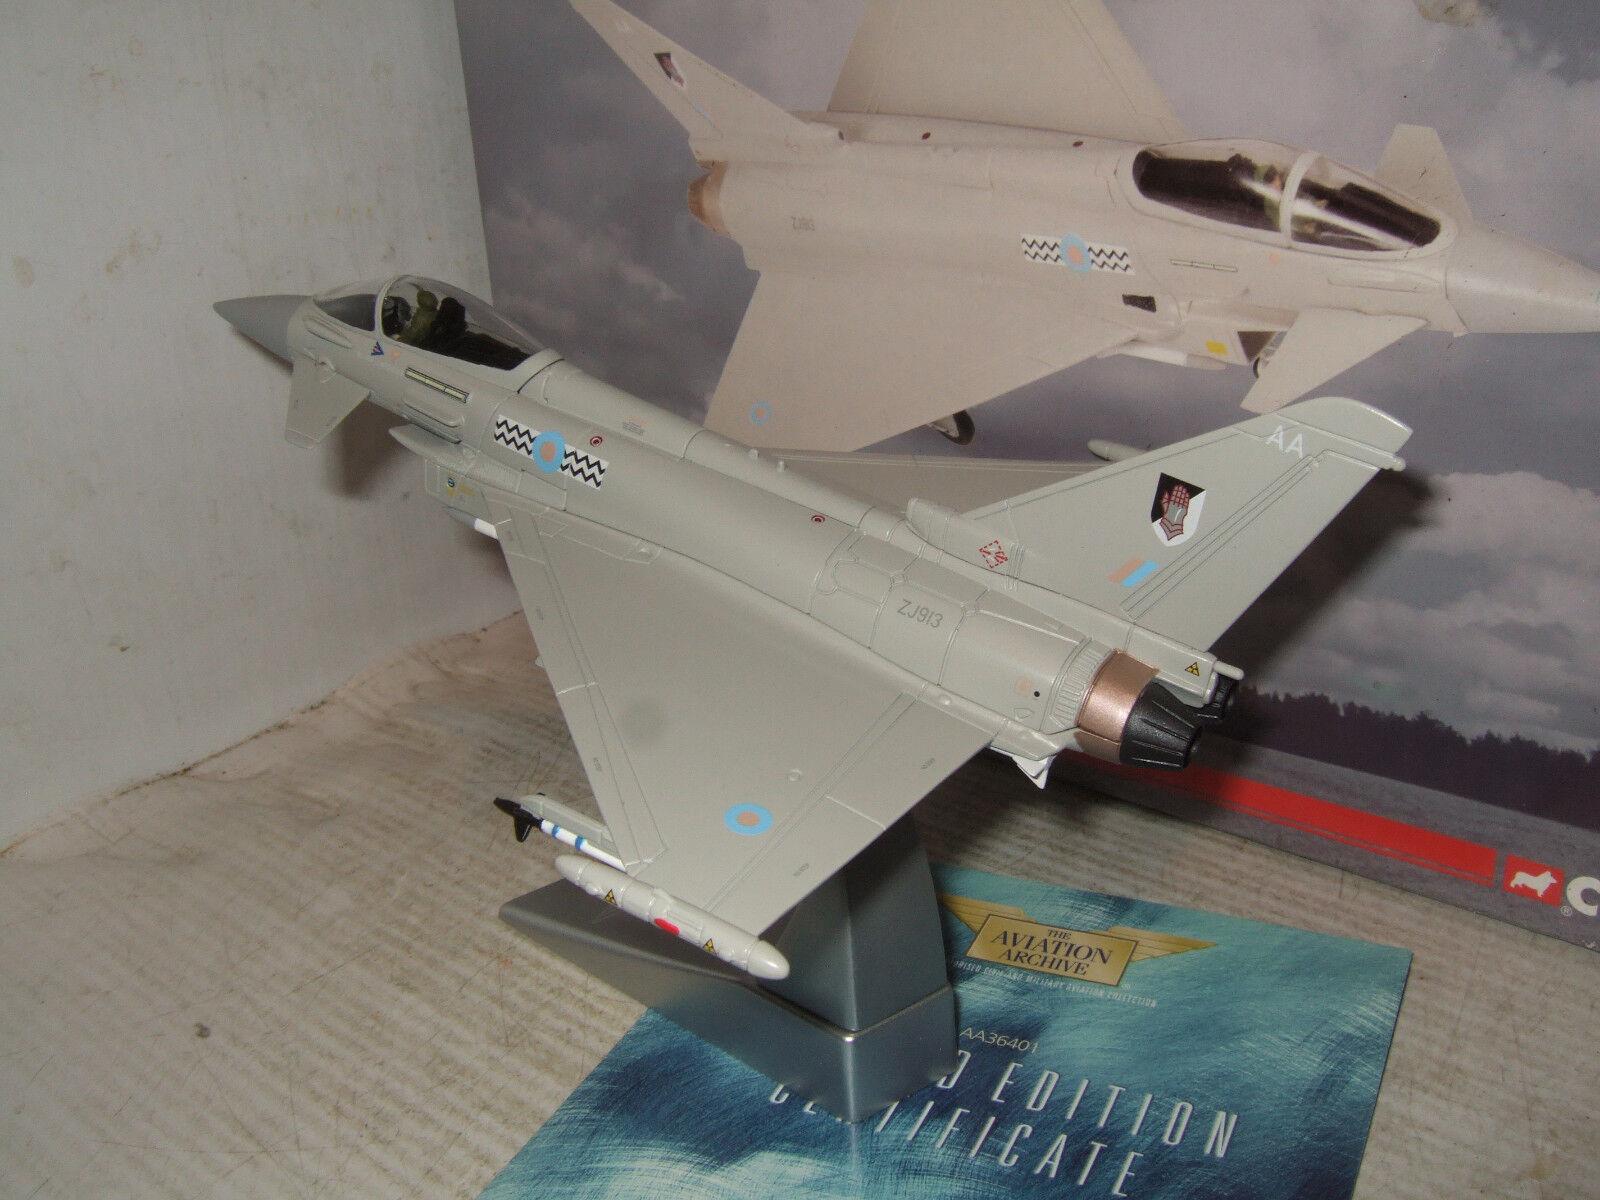 Corgi AA36401 Eurofighter Tifón F2, 17 (R), Sqn RAF coningby en escala 1 72